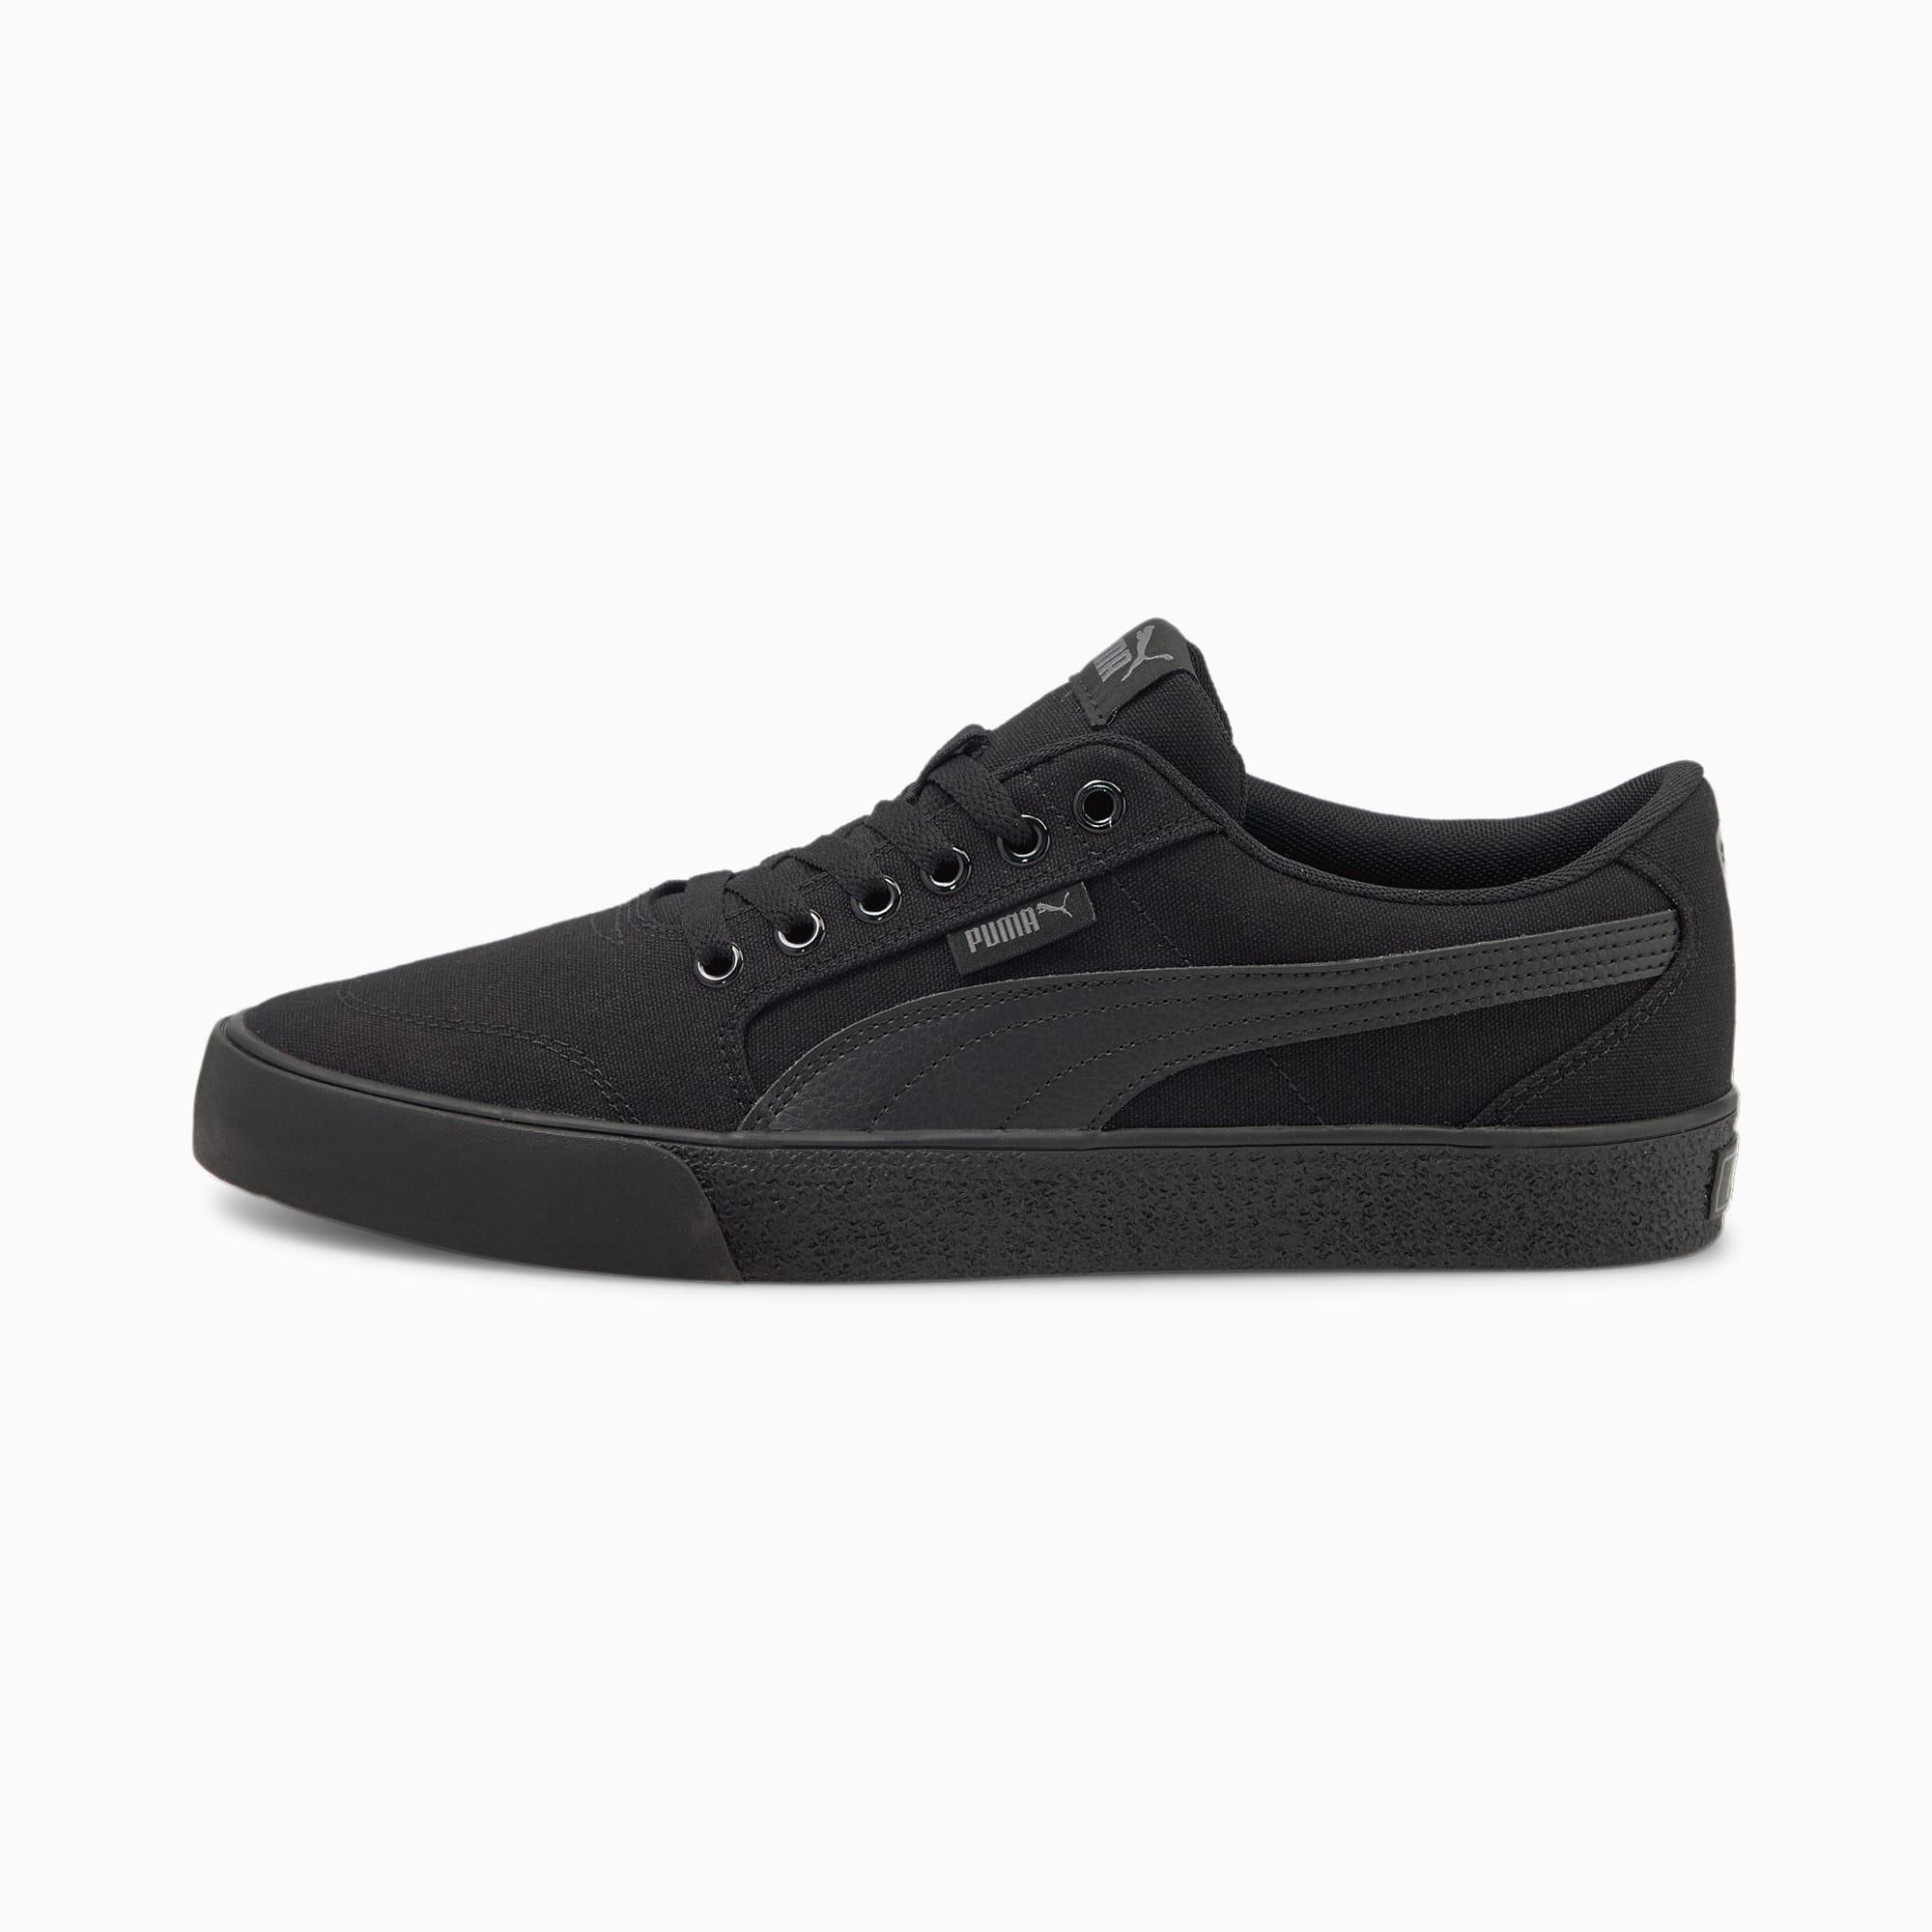 C-Skate Vulc sneakers, Zwart, Maat 42,5 | PUMA